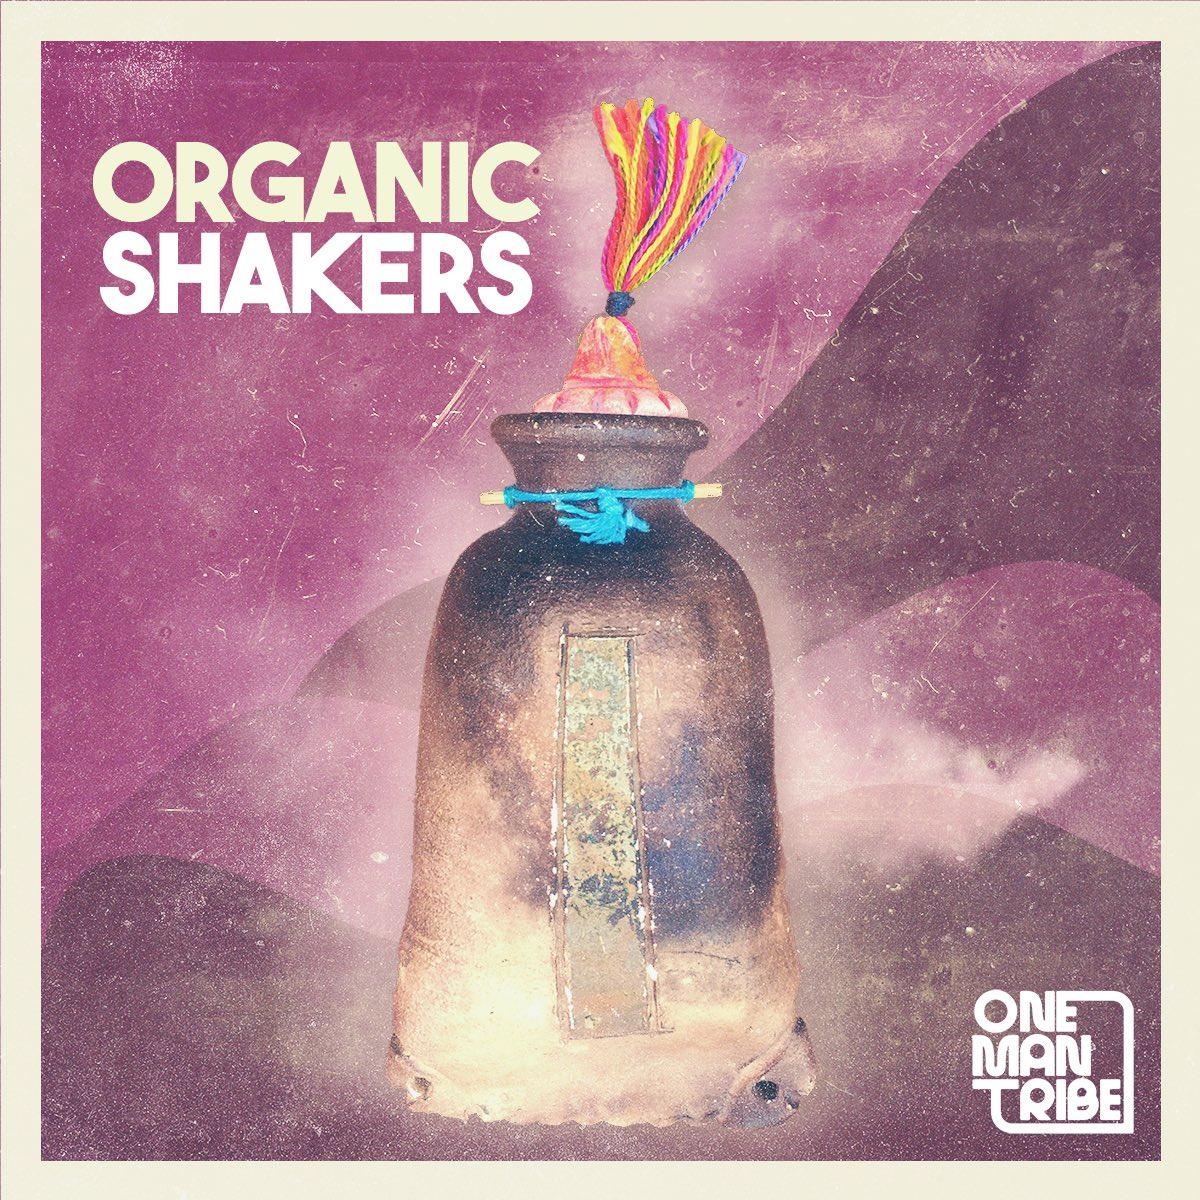 Organic Shakers